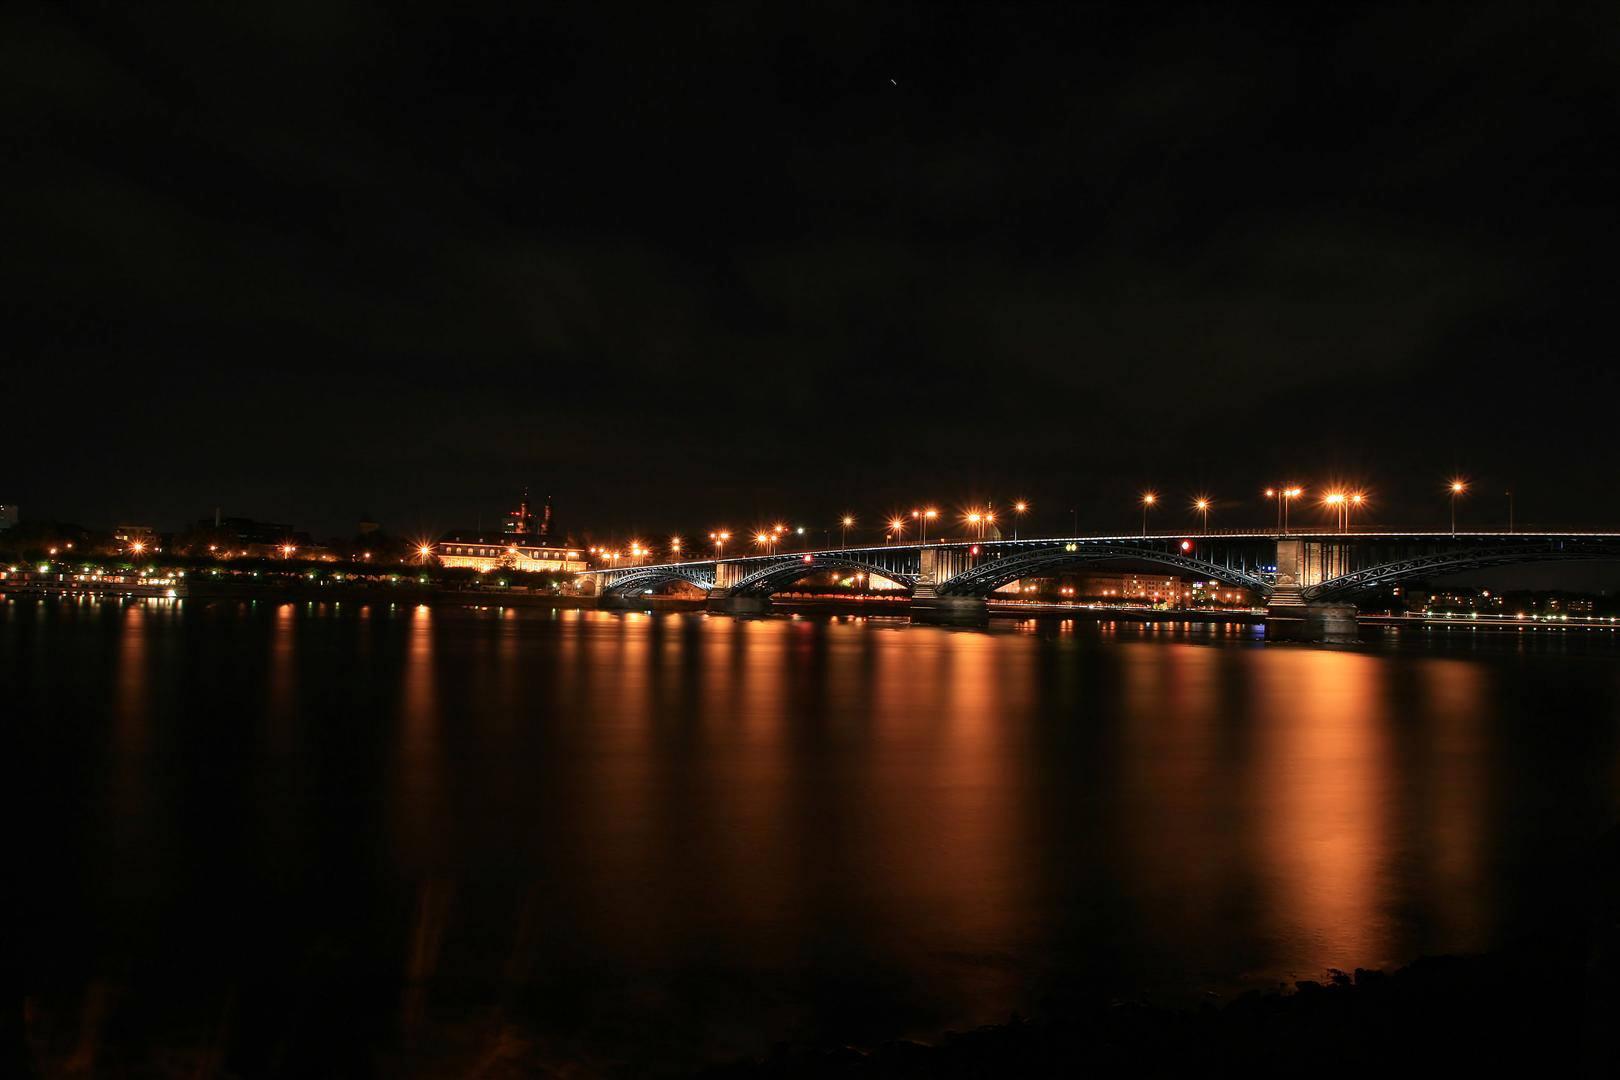 Rheinbrücke Mainz